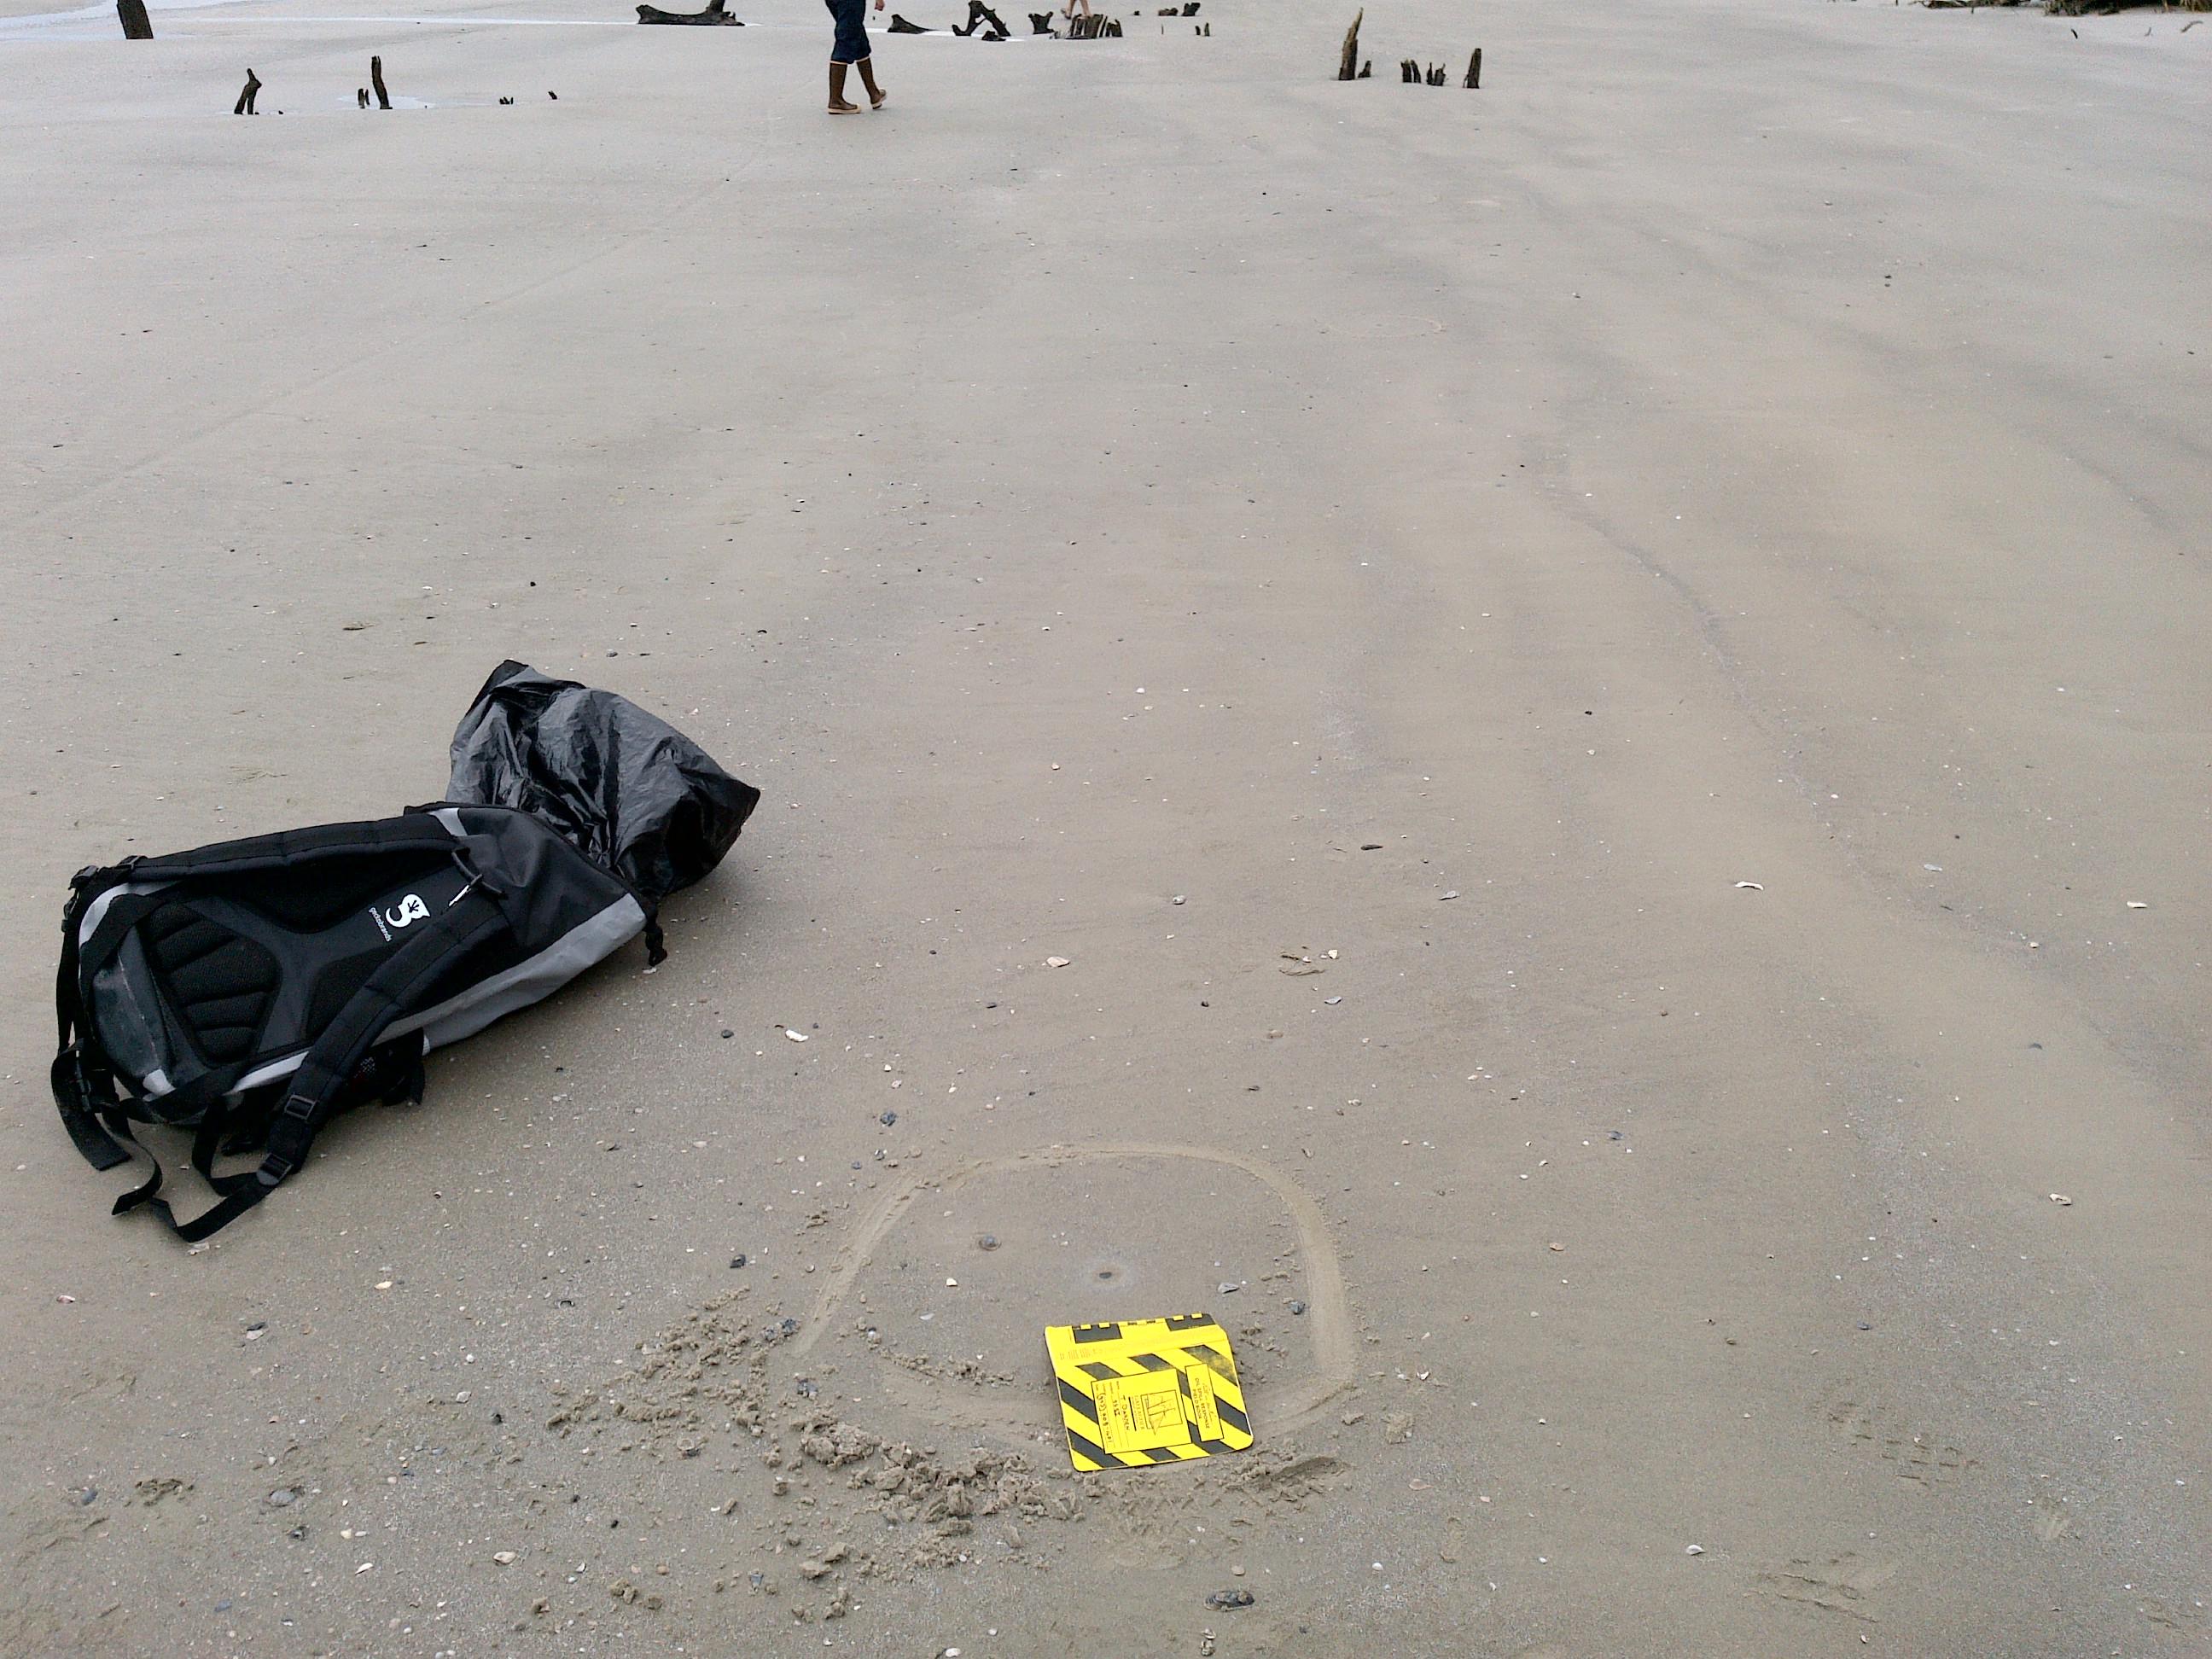 Uma das peças automotivas que caíram do Golden Ray e chegaram às praias da Geórgia